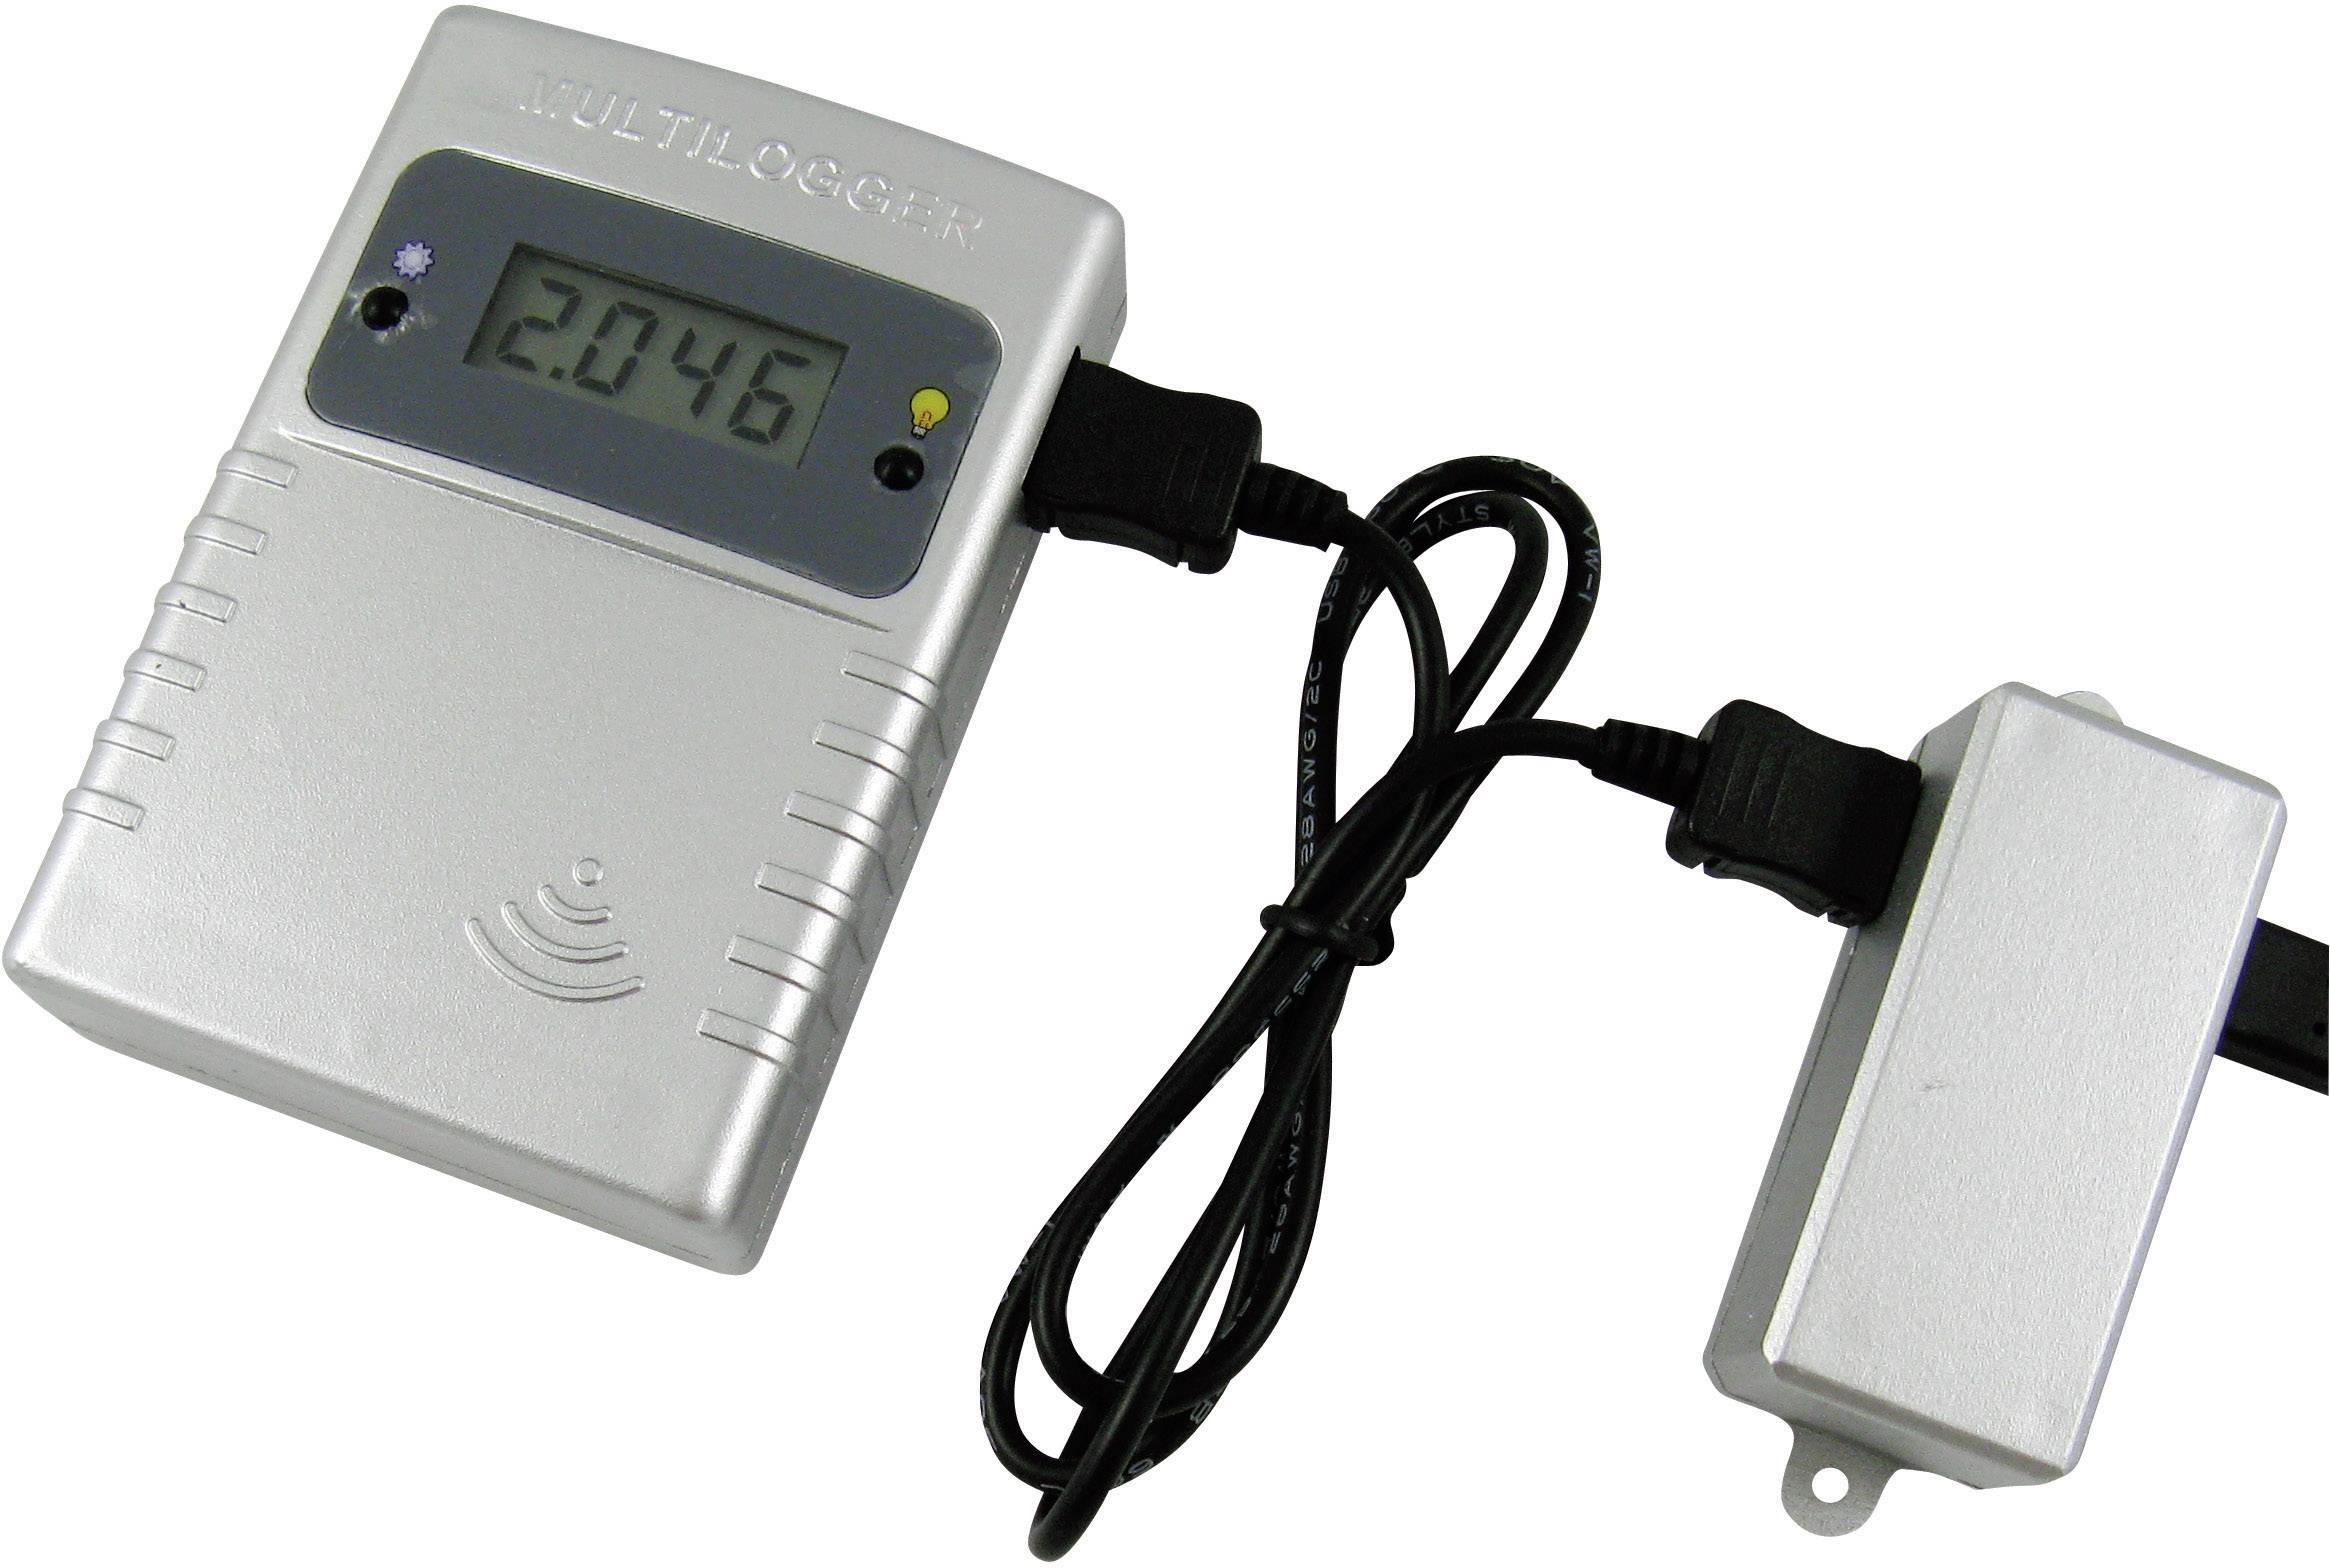 Bezdrátový multi senzor PRO-88msn pro Multiloggery Arexx, 0 - 2,046 V/DC